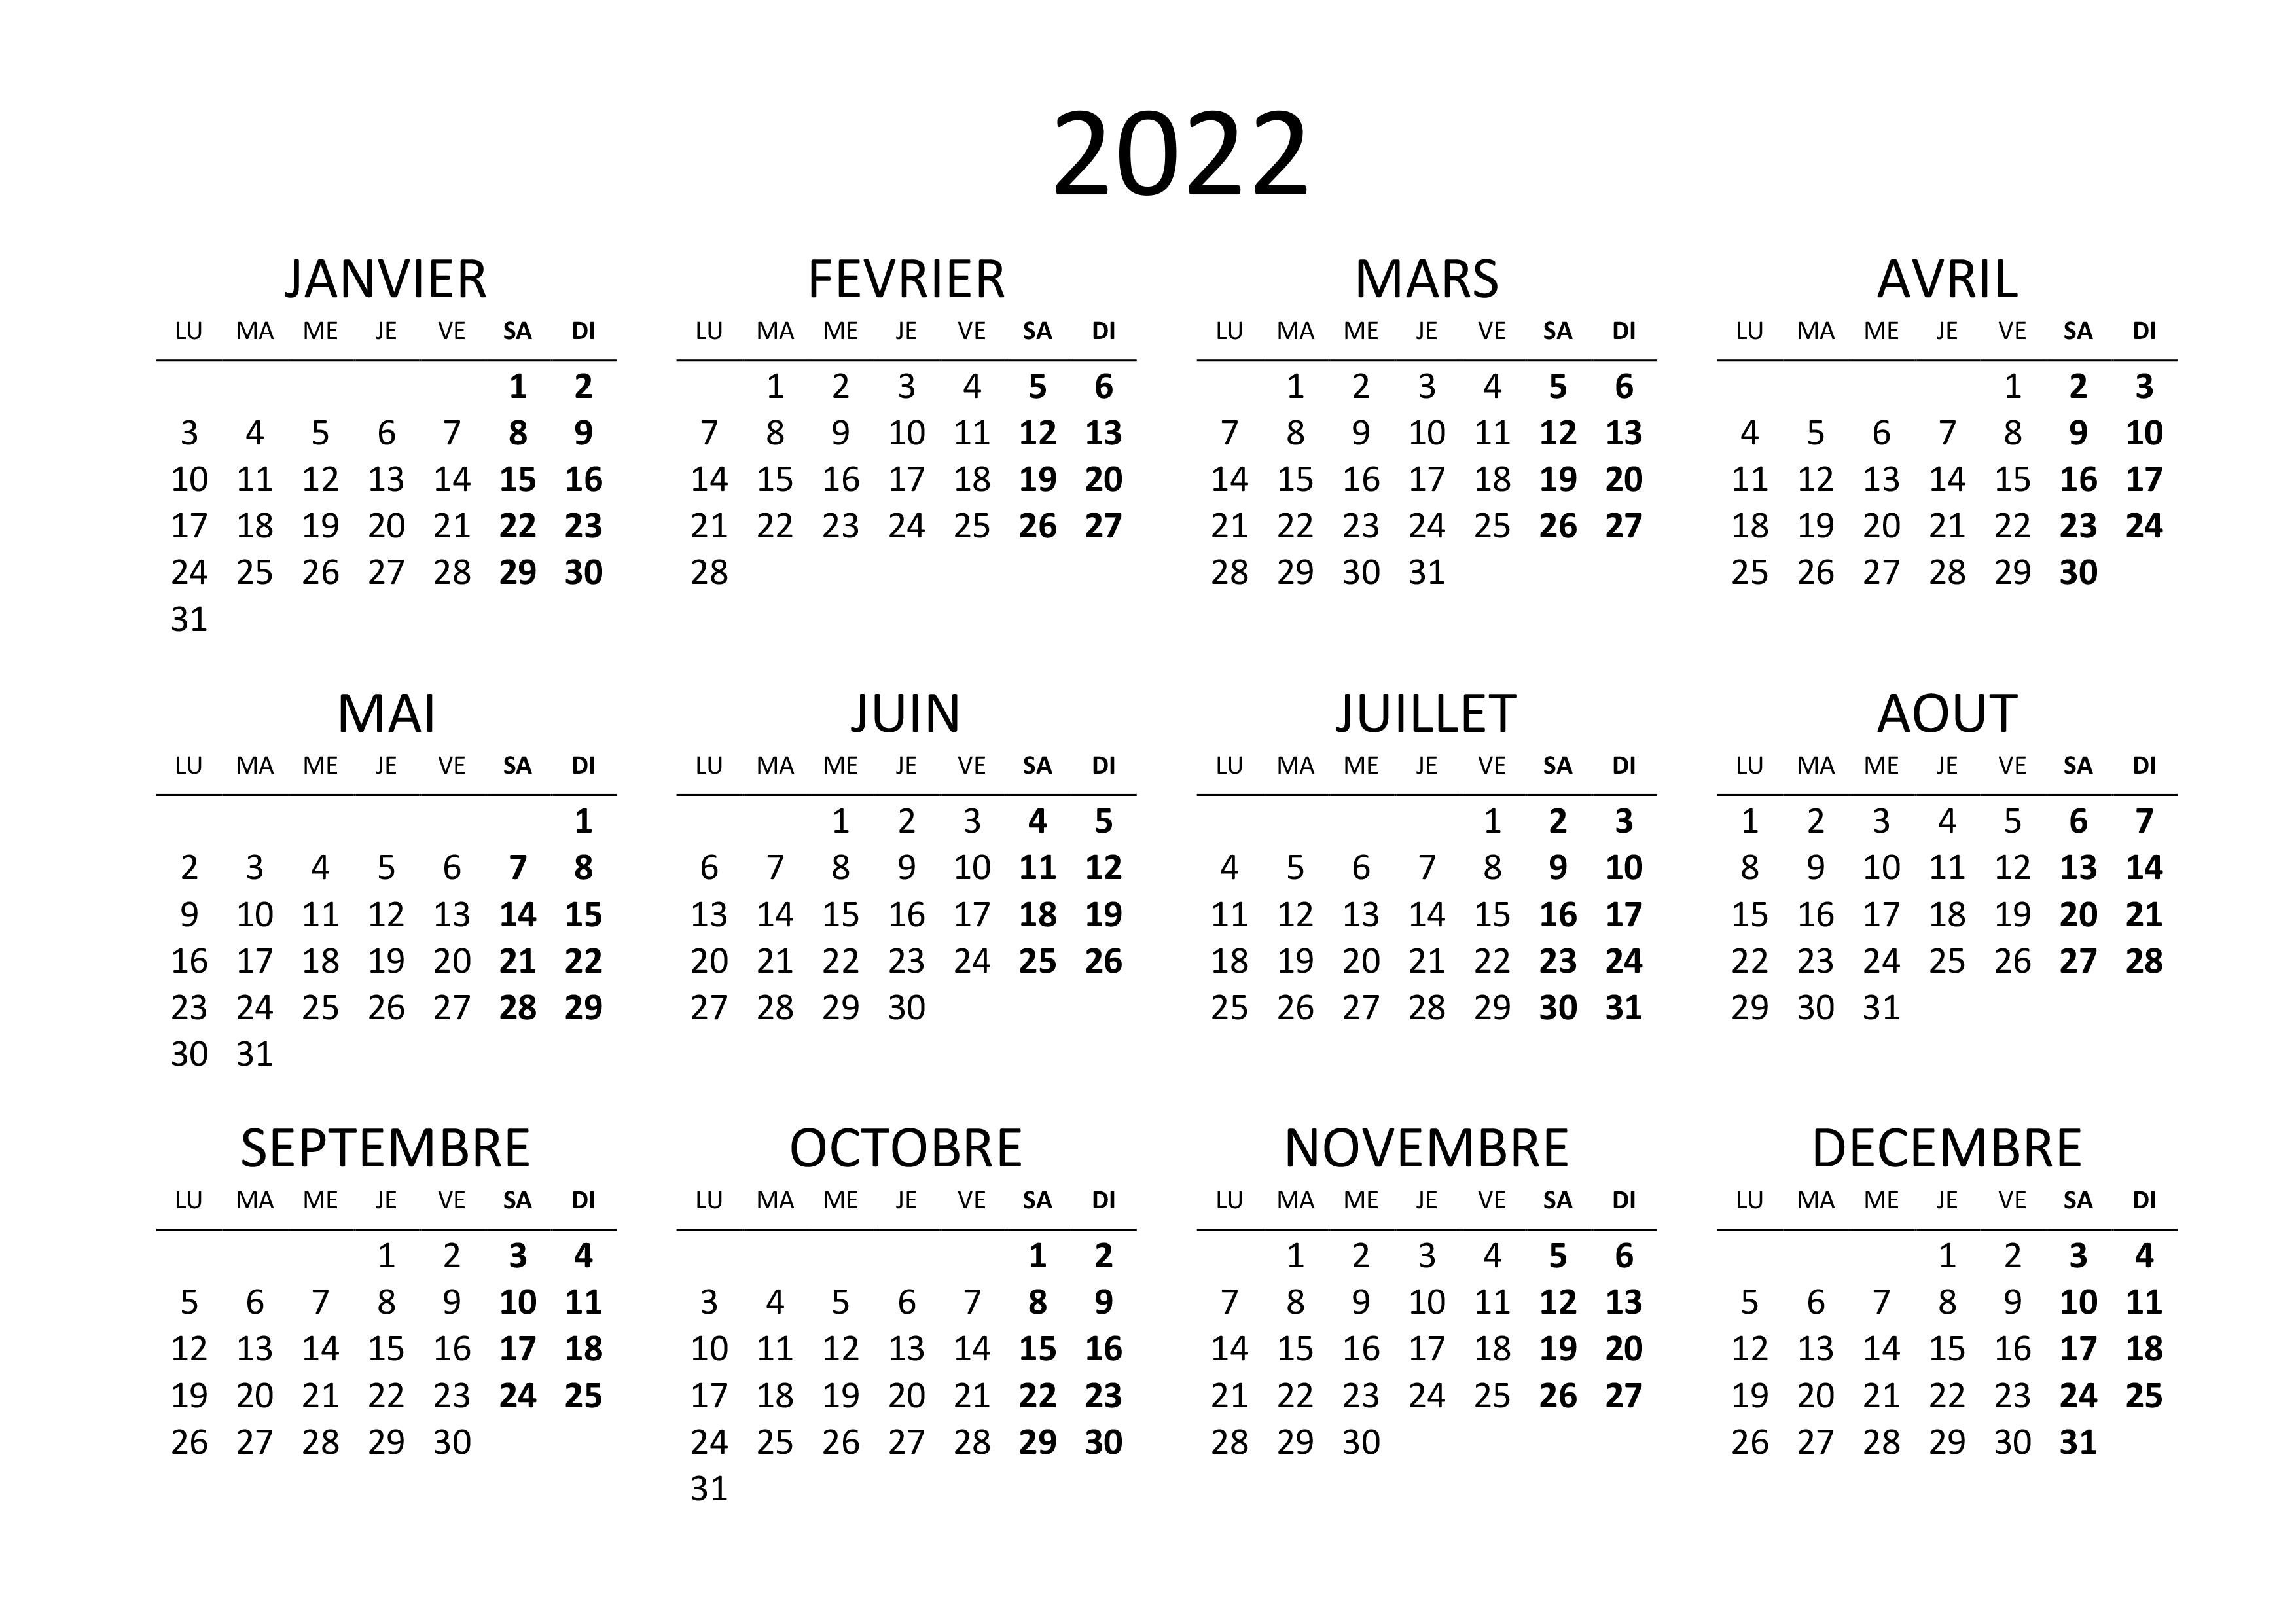 Calendrier 2022 Png Calendrier annuel 2022 – calendrier.su